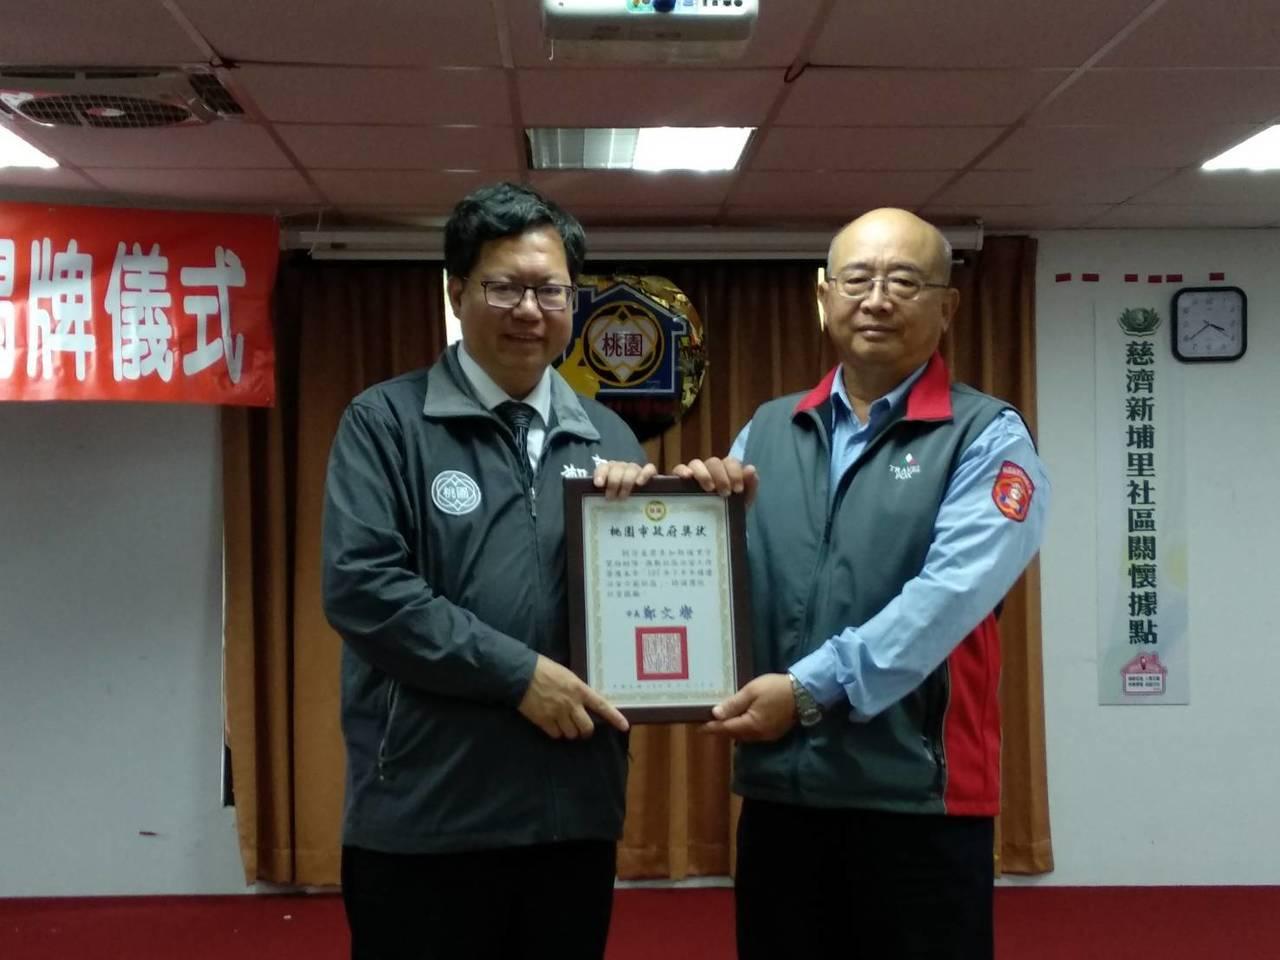 曾擔任南亞公司主管的新埔里巡守隊員劉登基表示,5年前投入巡守隊行列,有次巡邏學校...